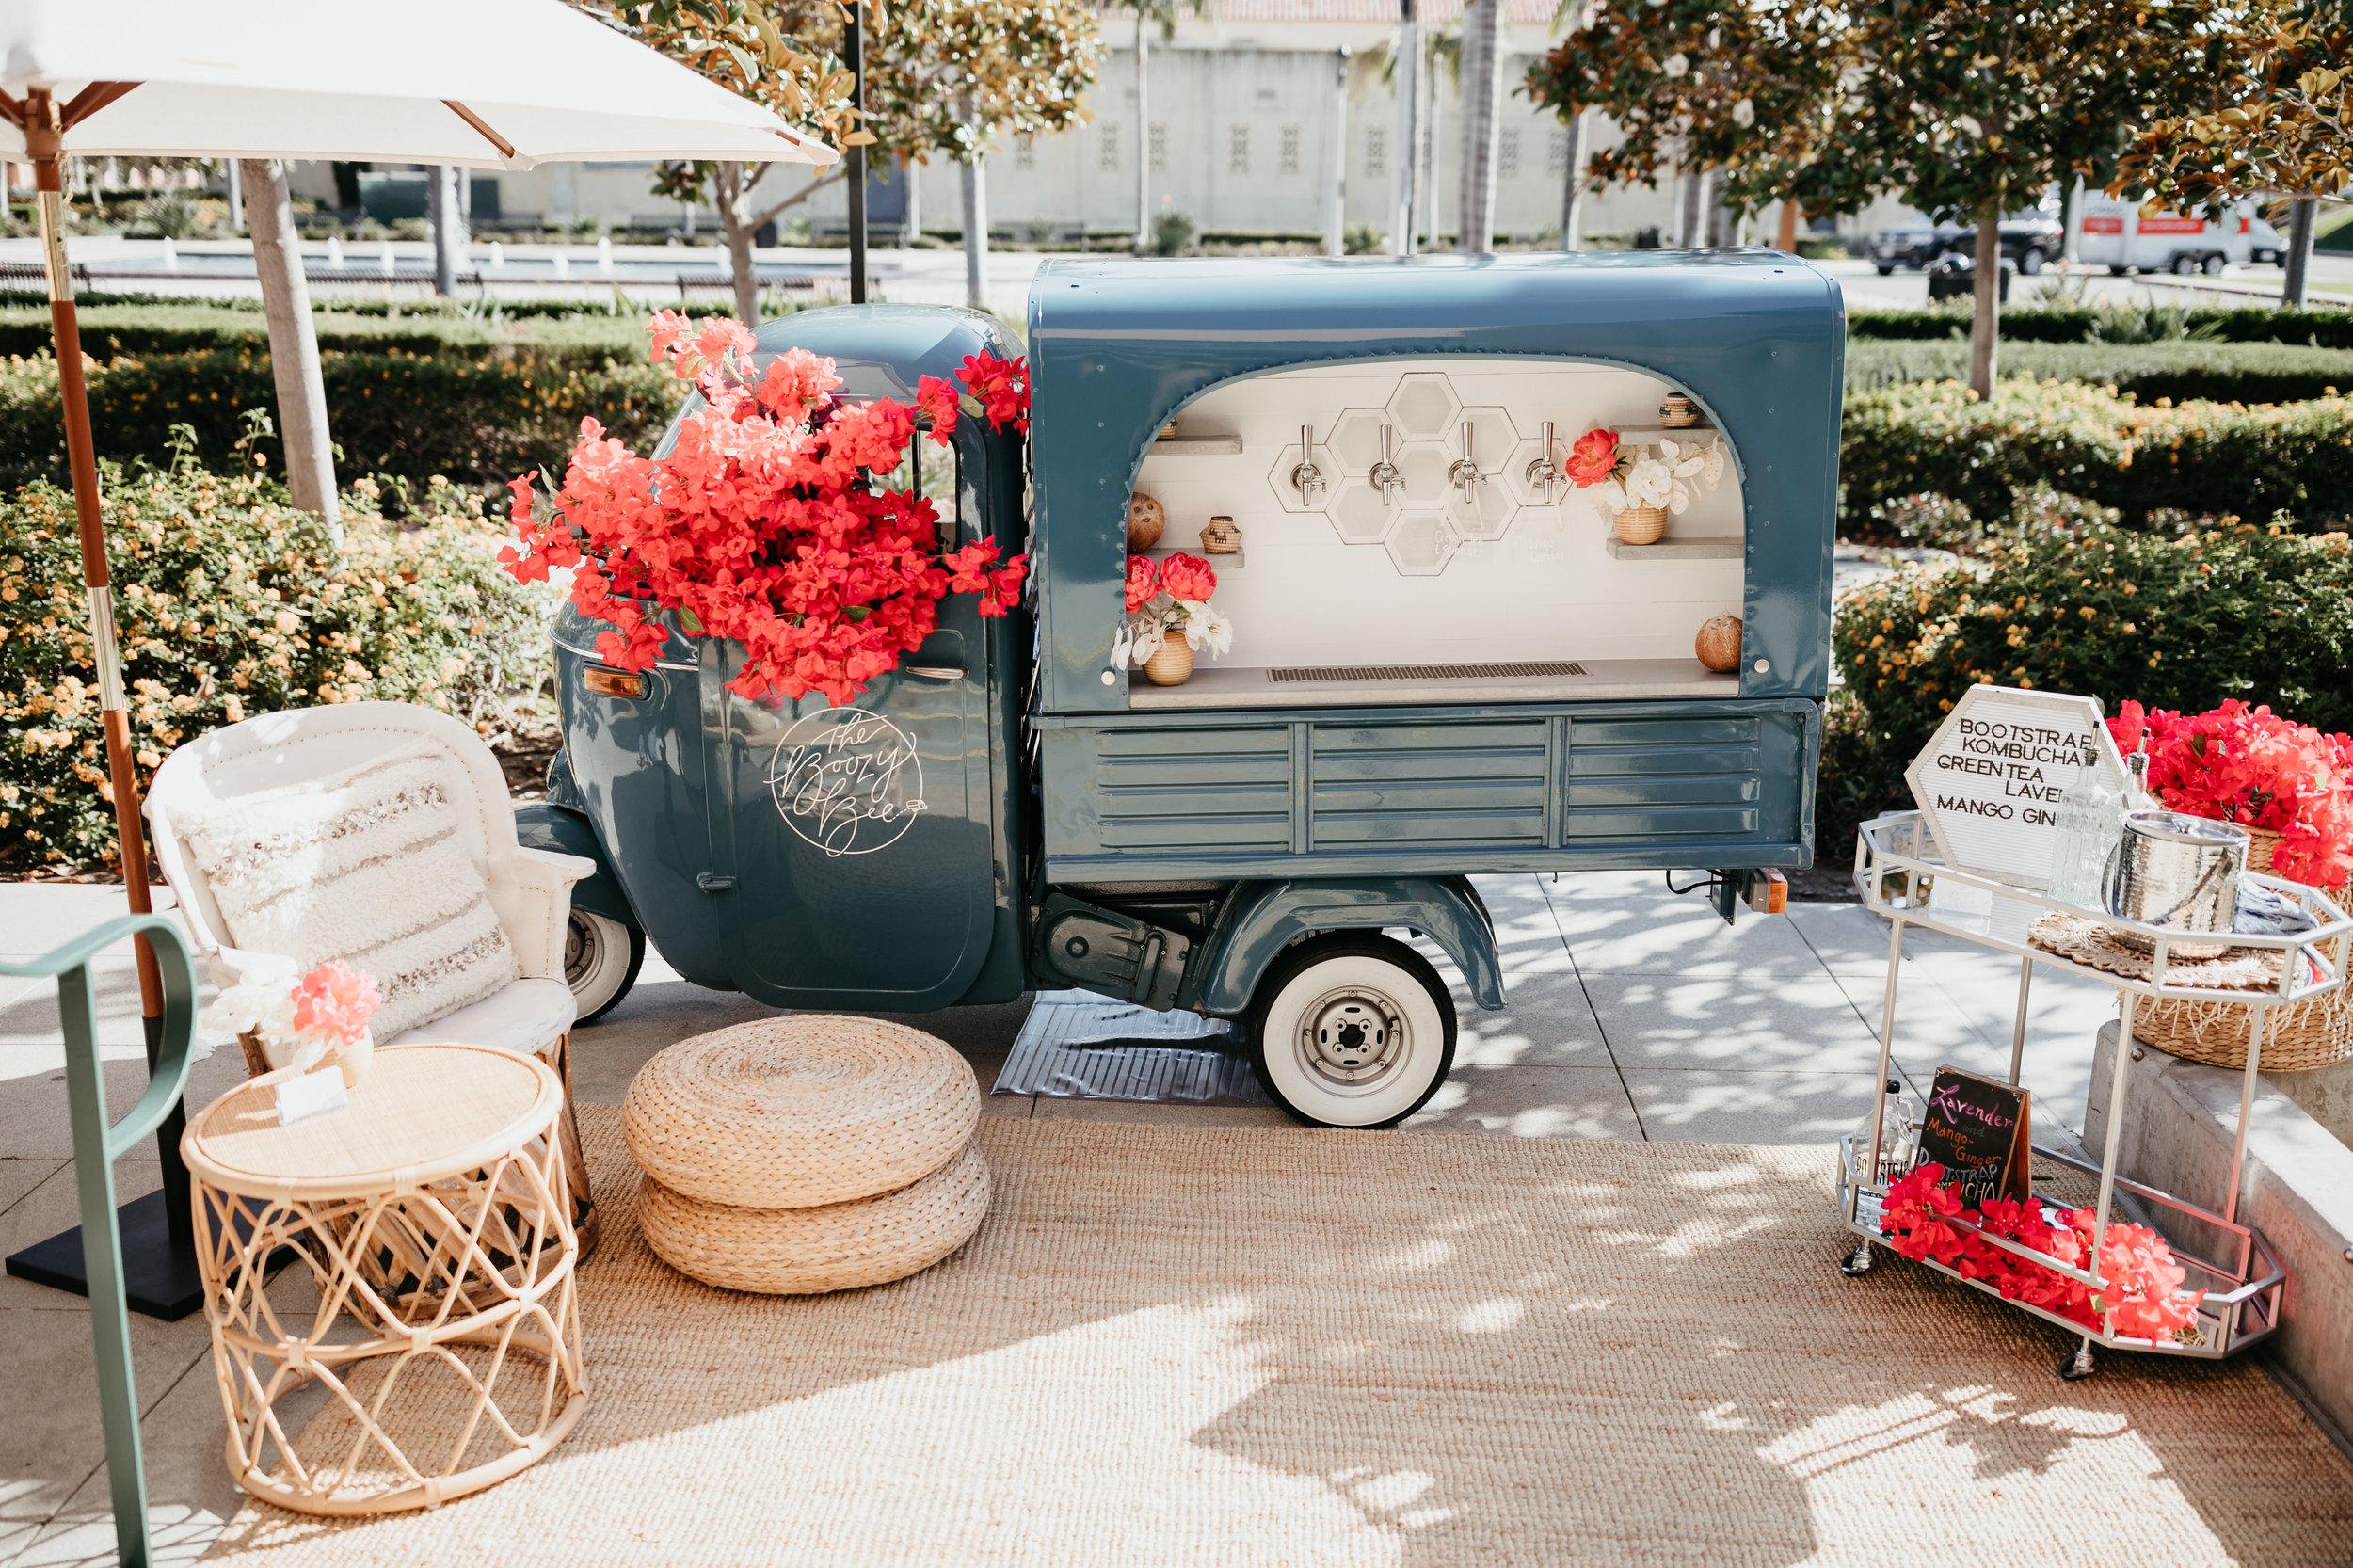 TheKnot-WeddingWire-San-Diego-Mixer-2019-194.jpg